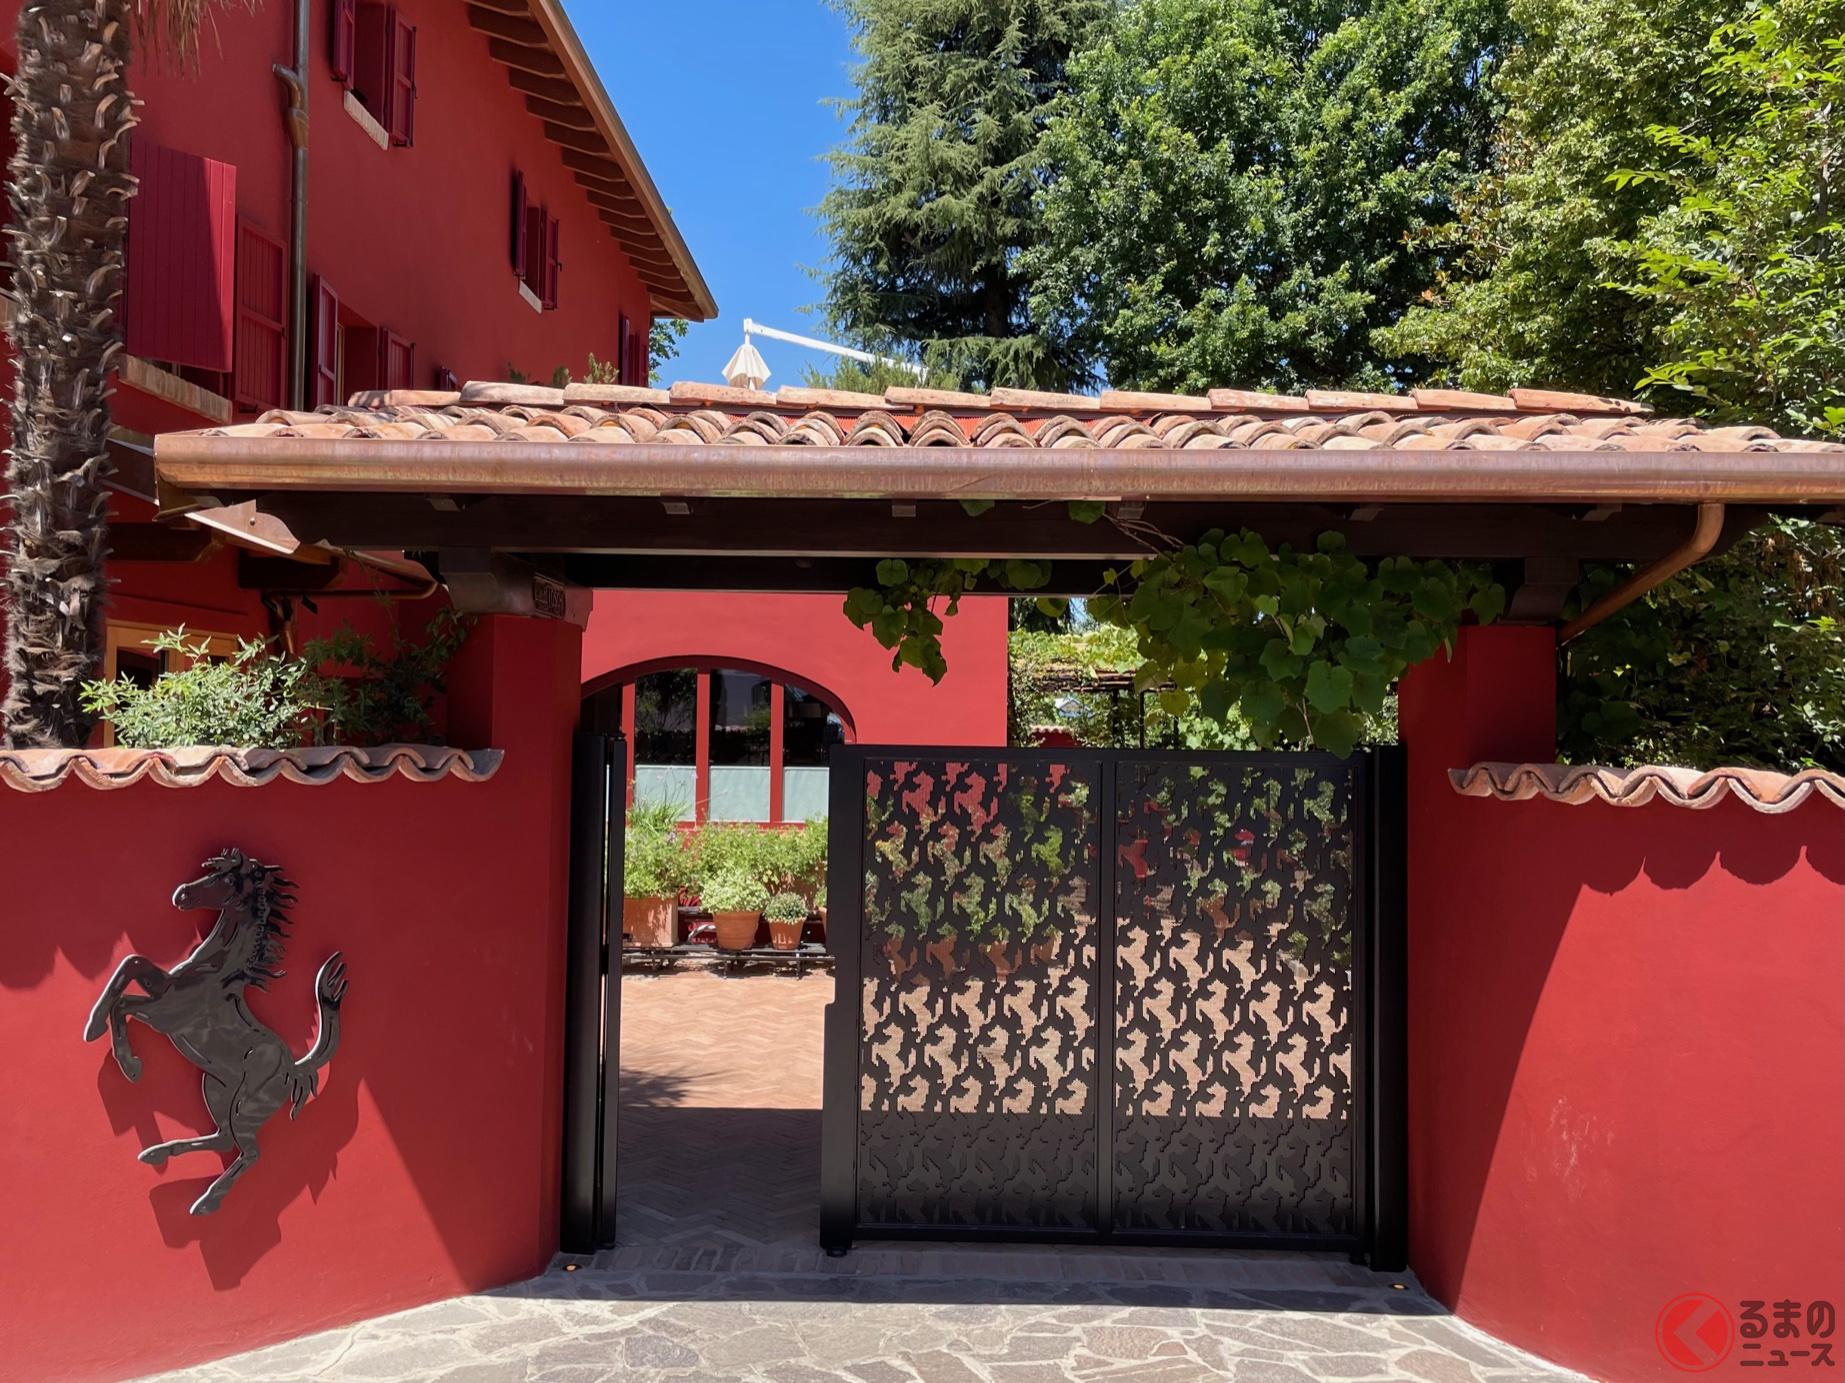 リストランテ・カバリーノの正門。外壁が赤に変わった